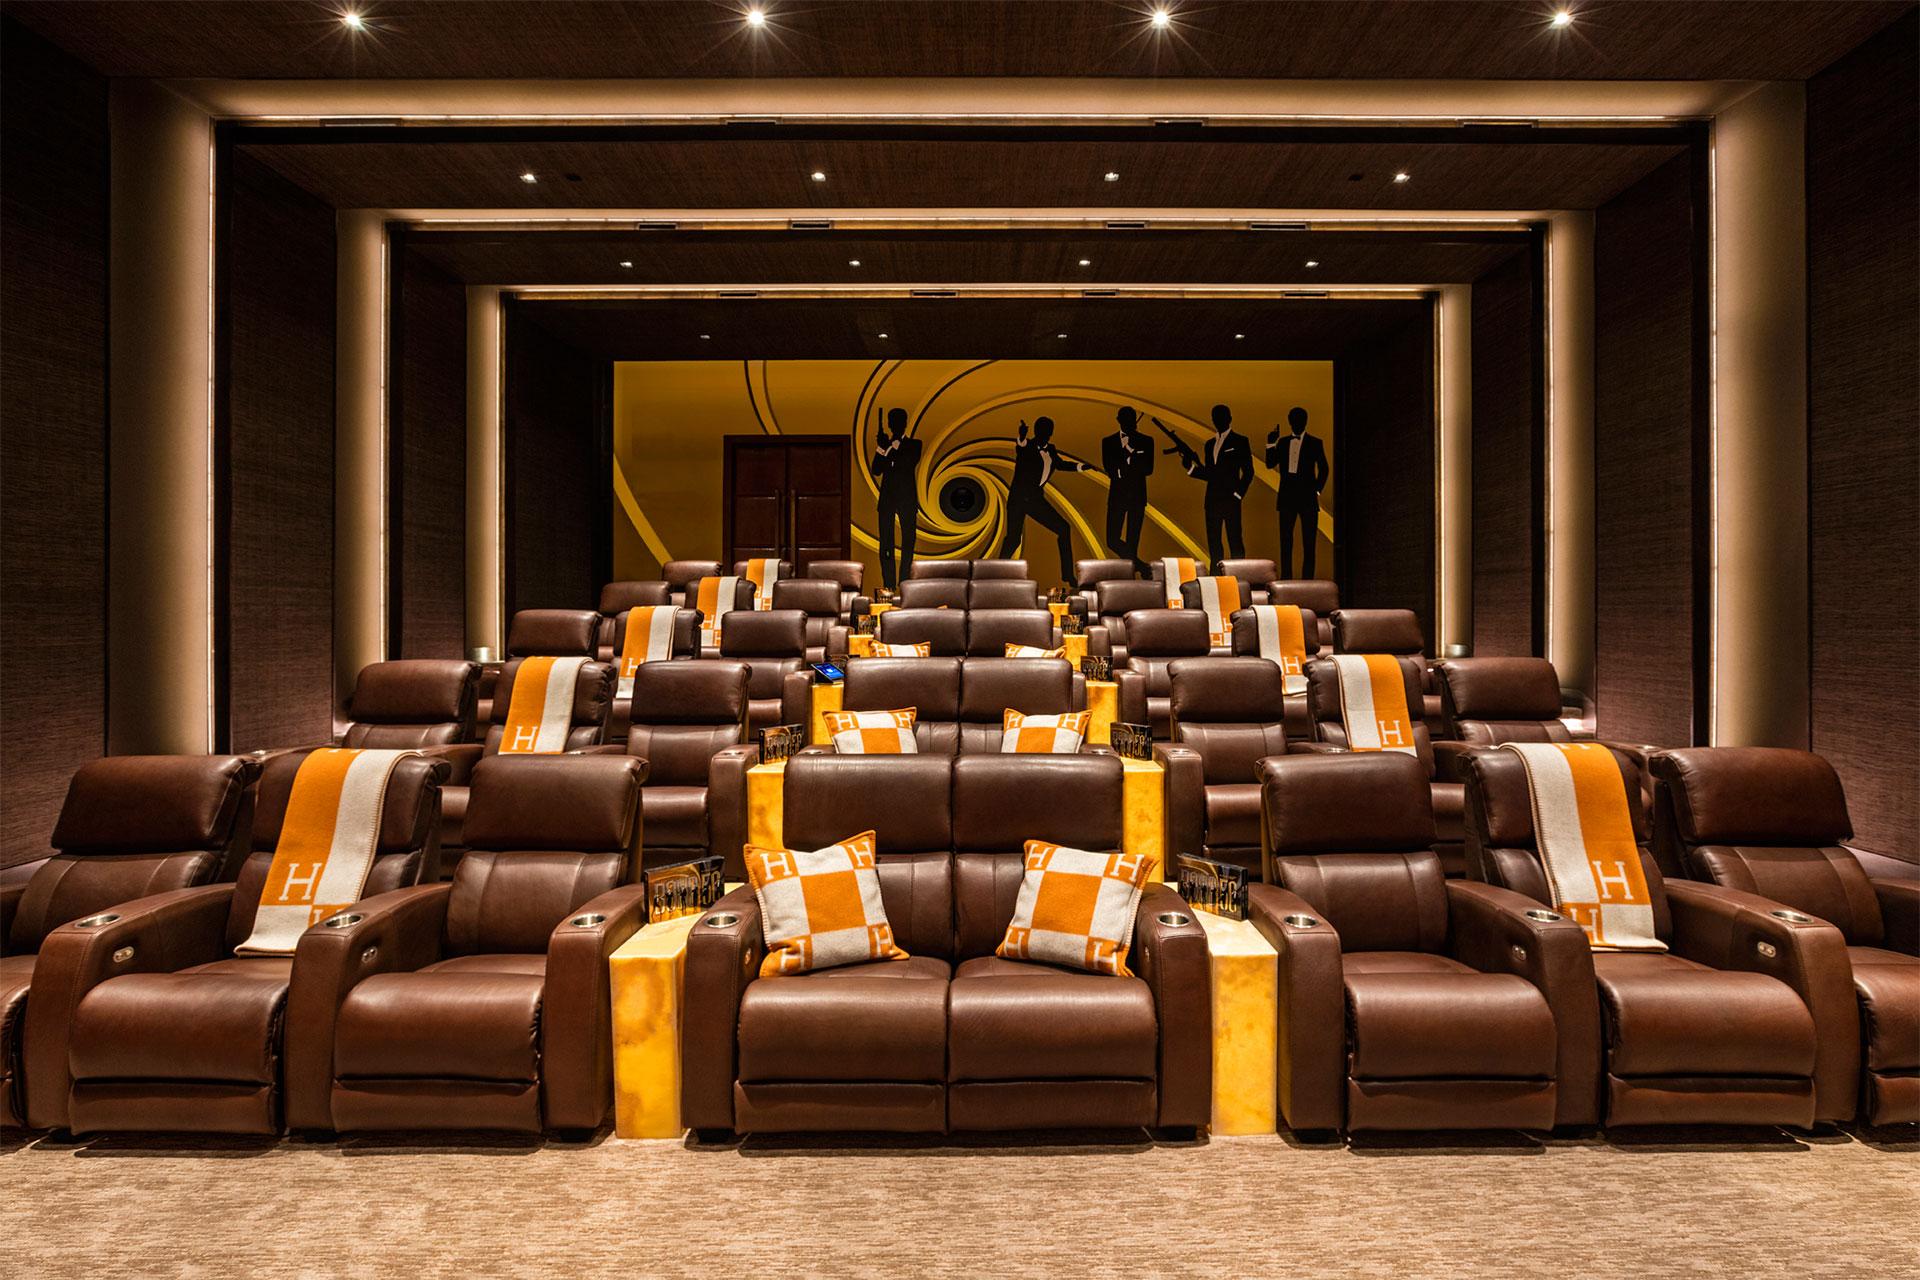 La sala de cine, con detalles exclusivos y una referencia a James Bond (BAM Luxury Development)